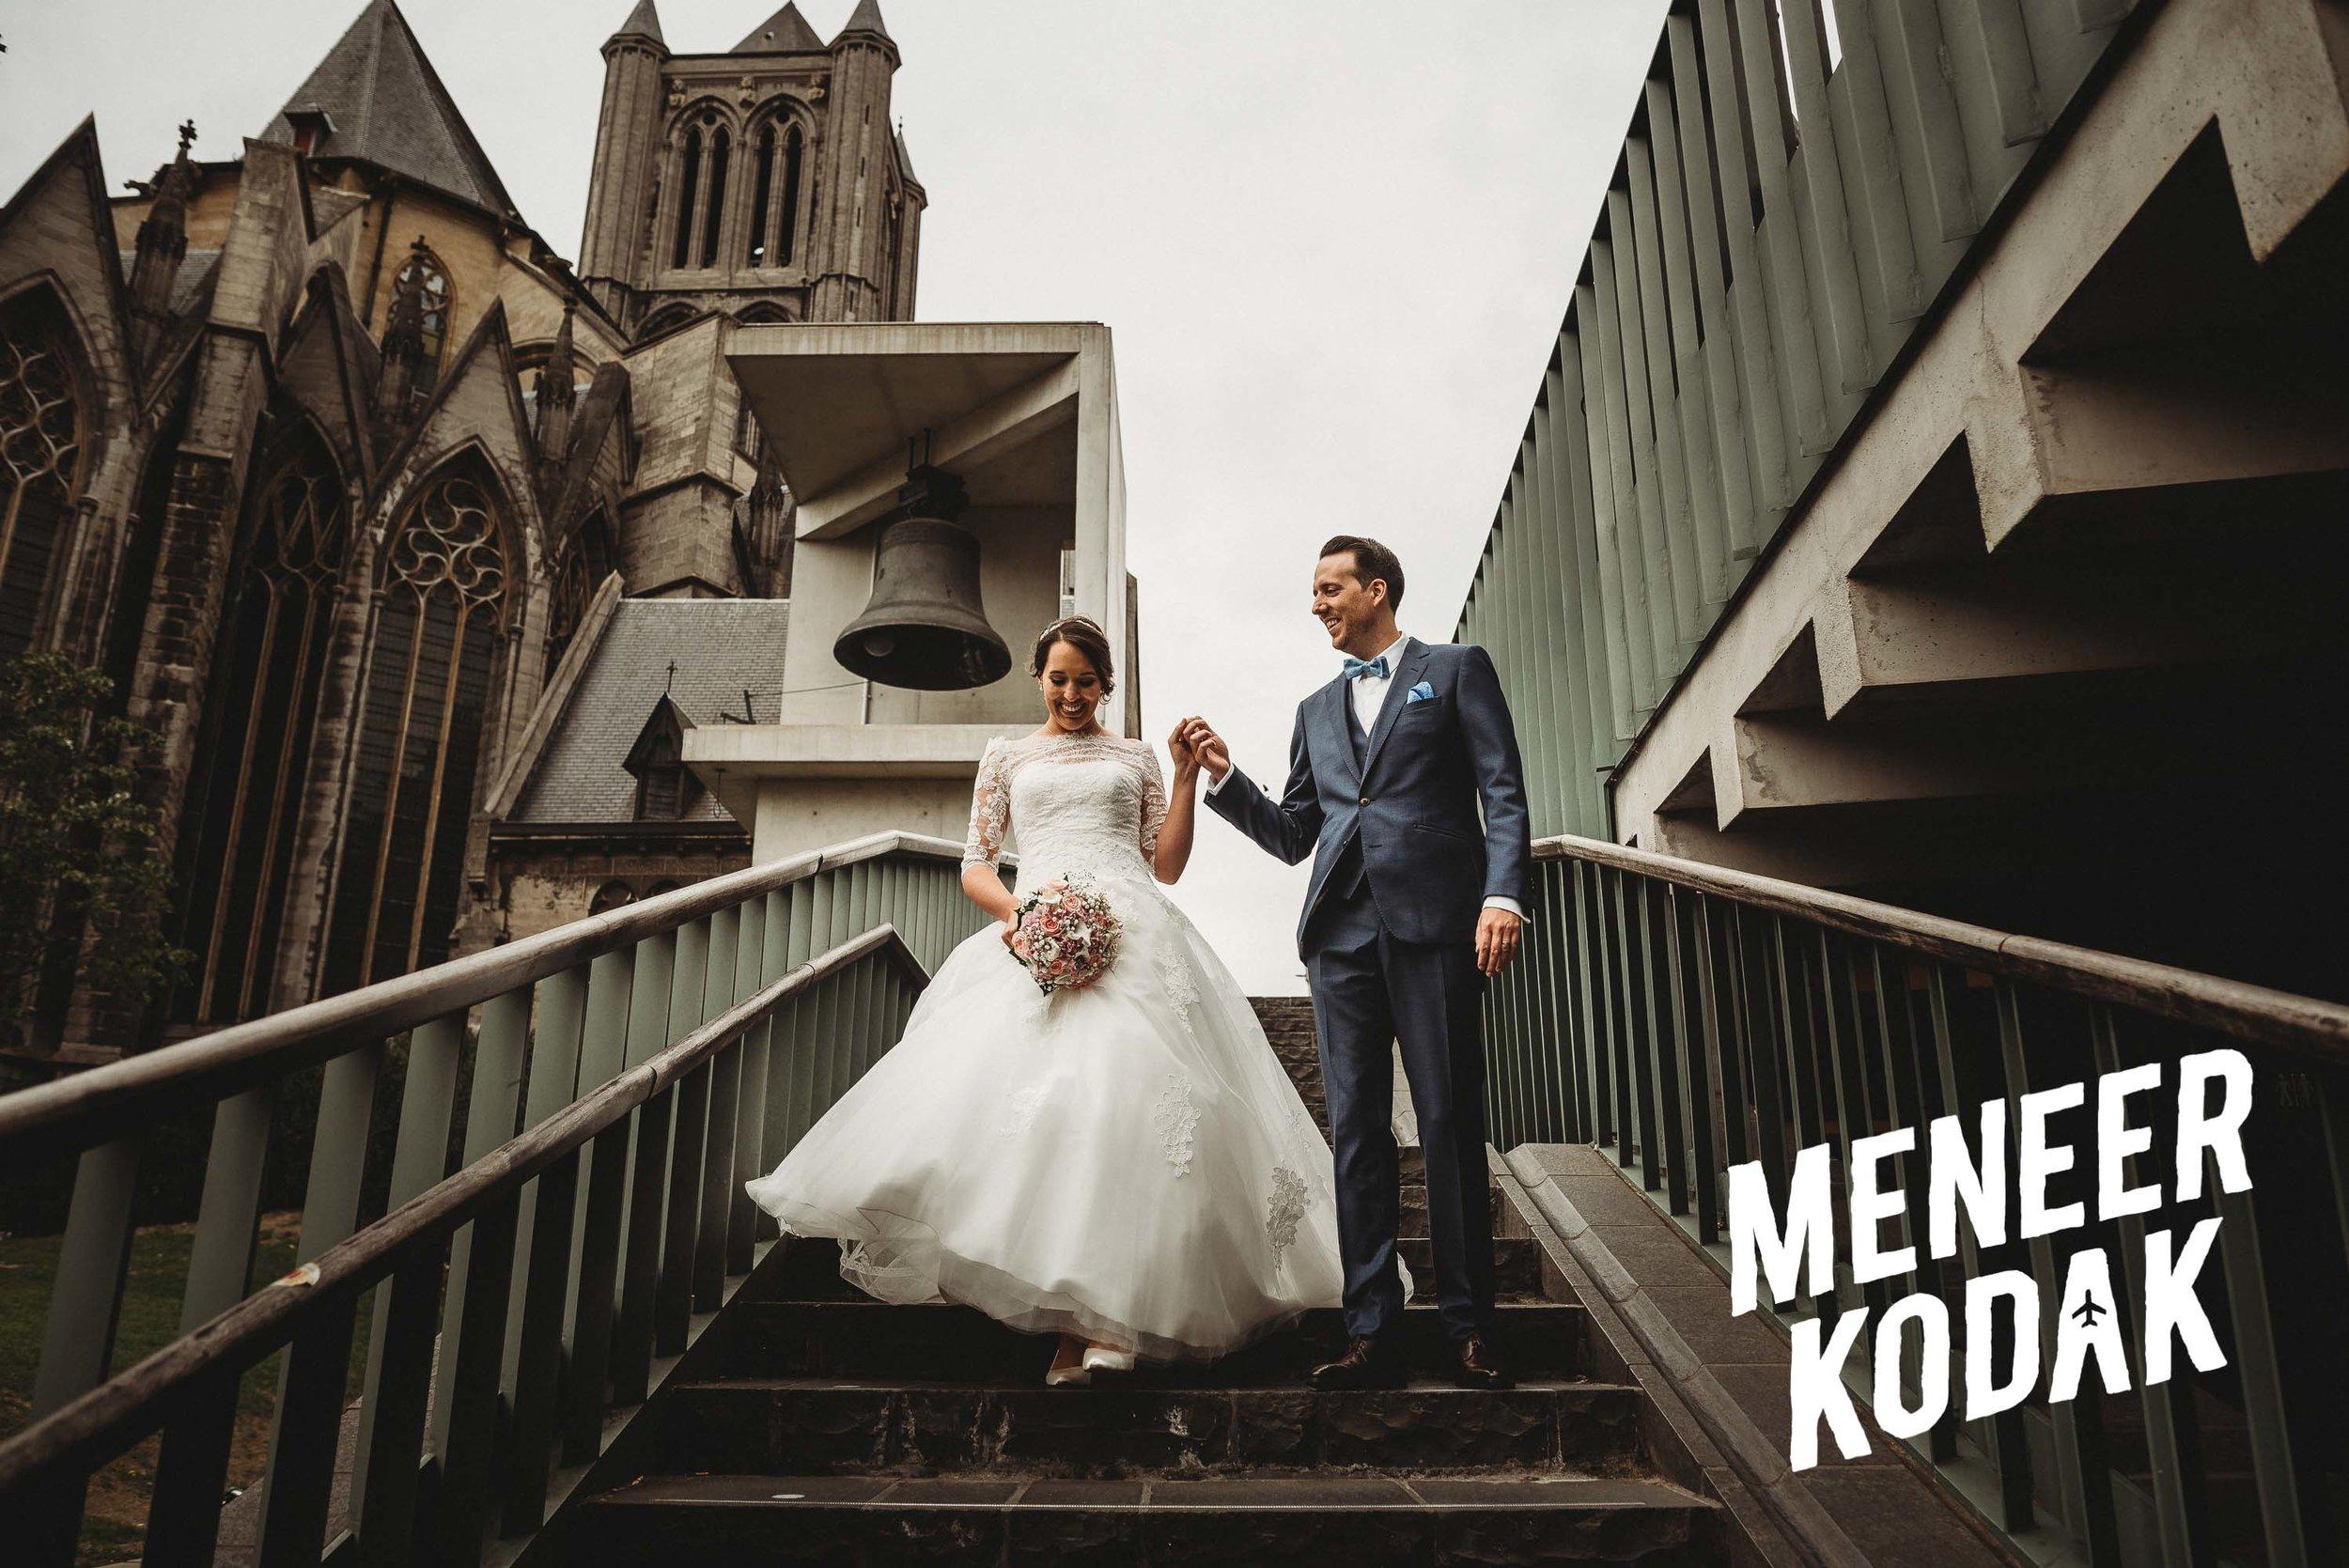 Meneer Kodak - Trouwfotograaf - Gent - D&T-044.jpg